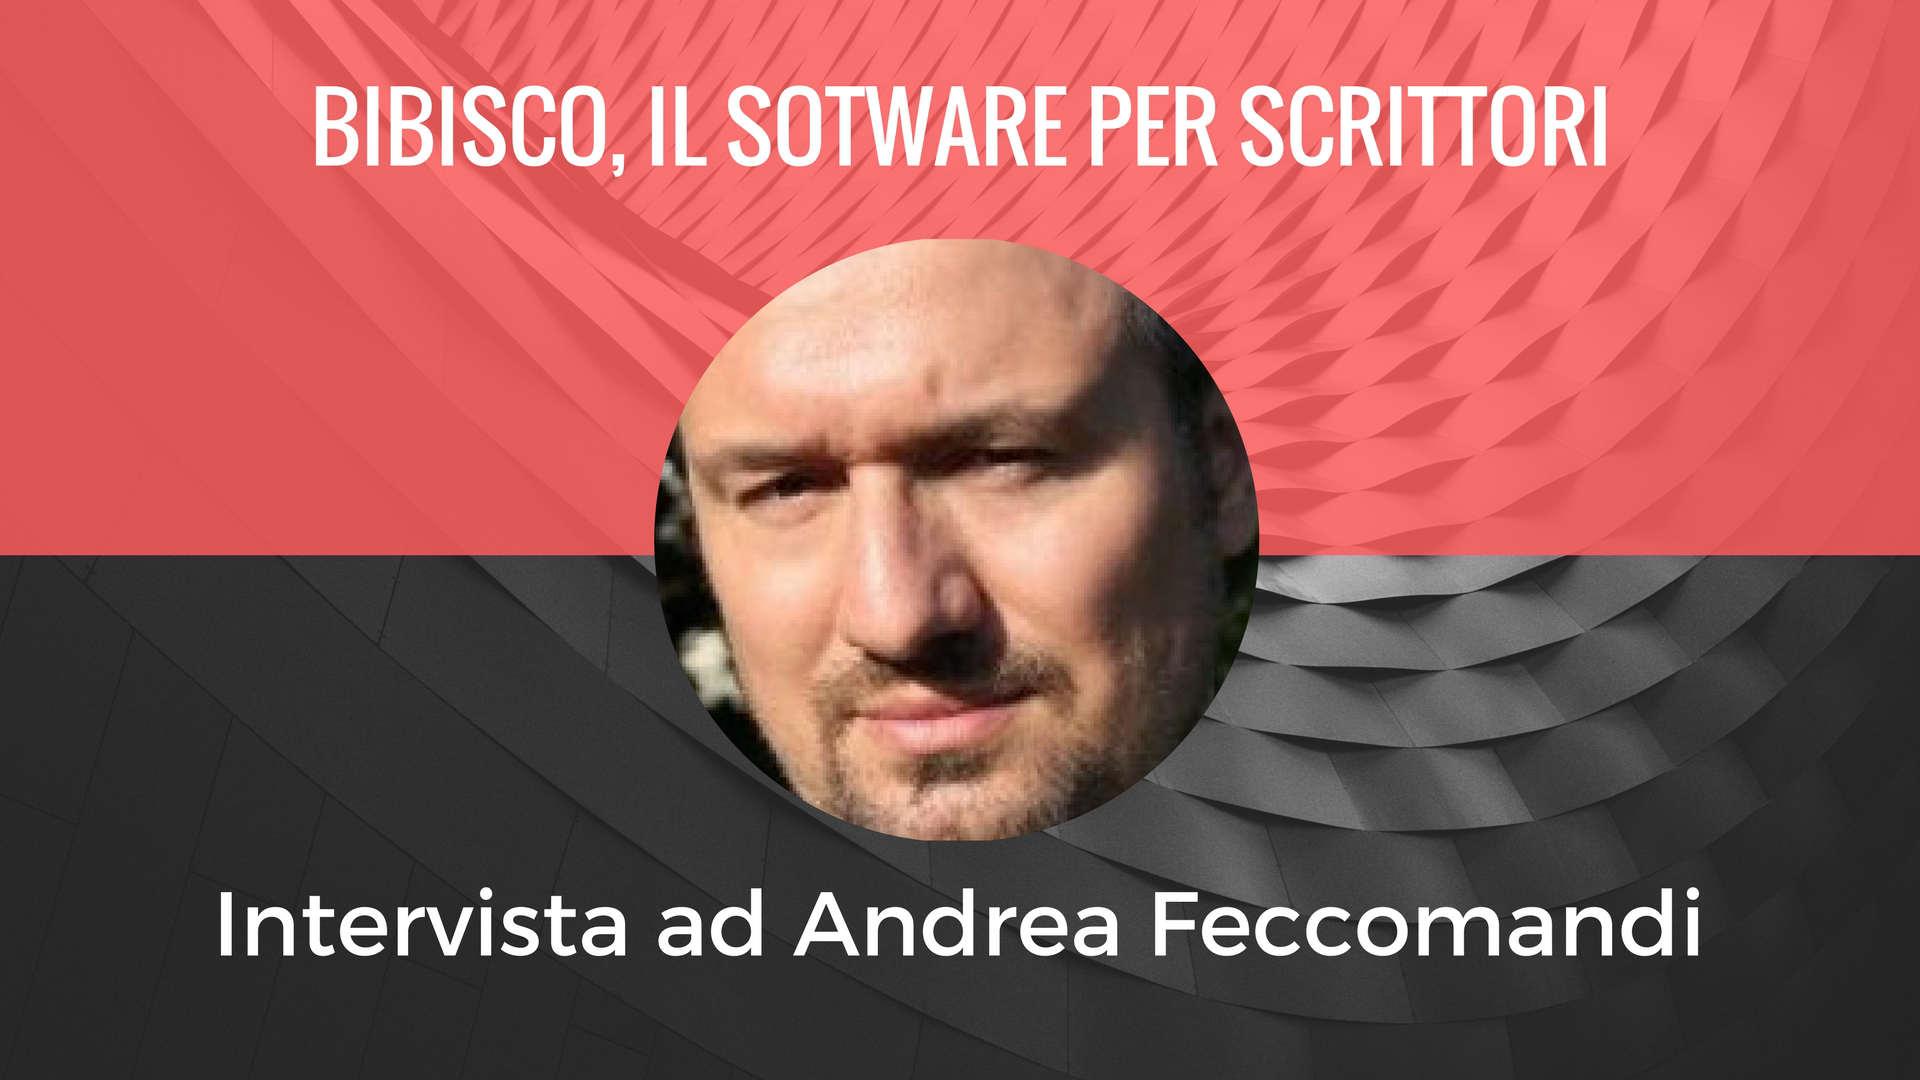 Bibisco il software per scrittori - Intervista ad Andrea Feccomandi